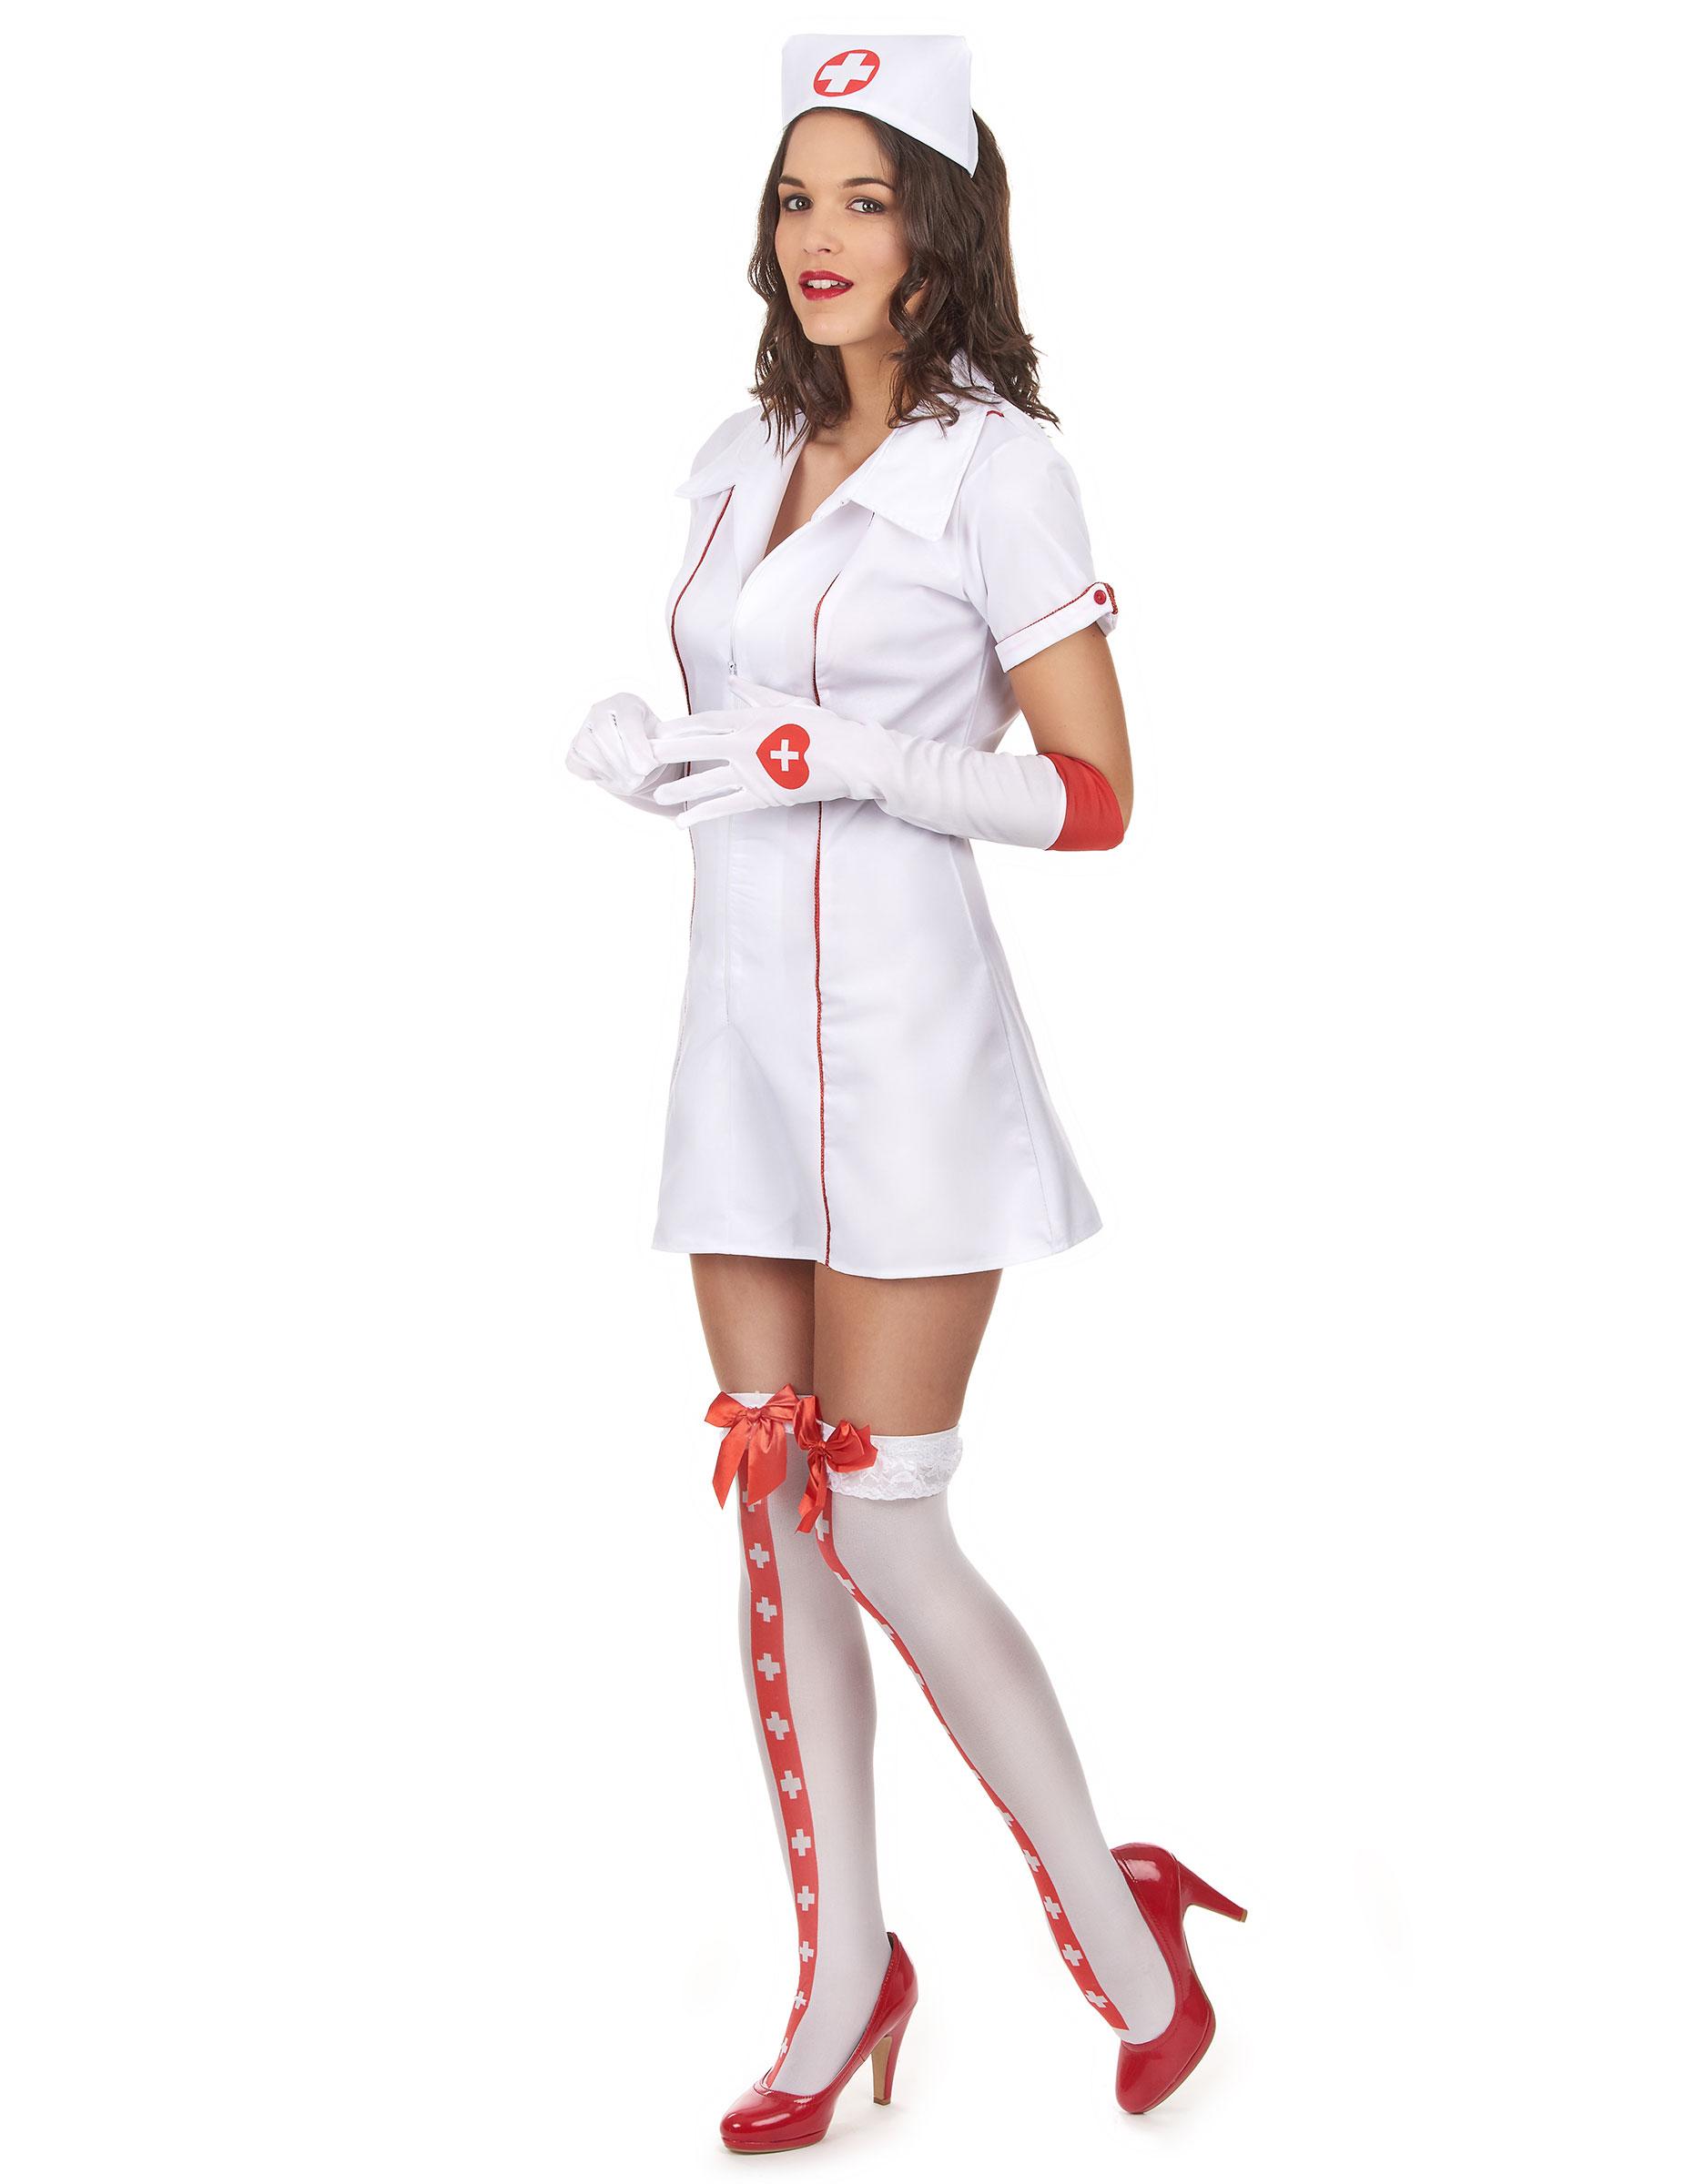 77ddbecdb56f Sexy Krankenschwesterkostüm für Damen weiss-rot  Kostüme für ...